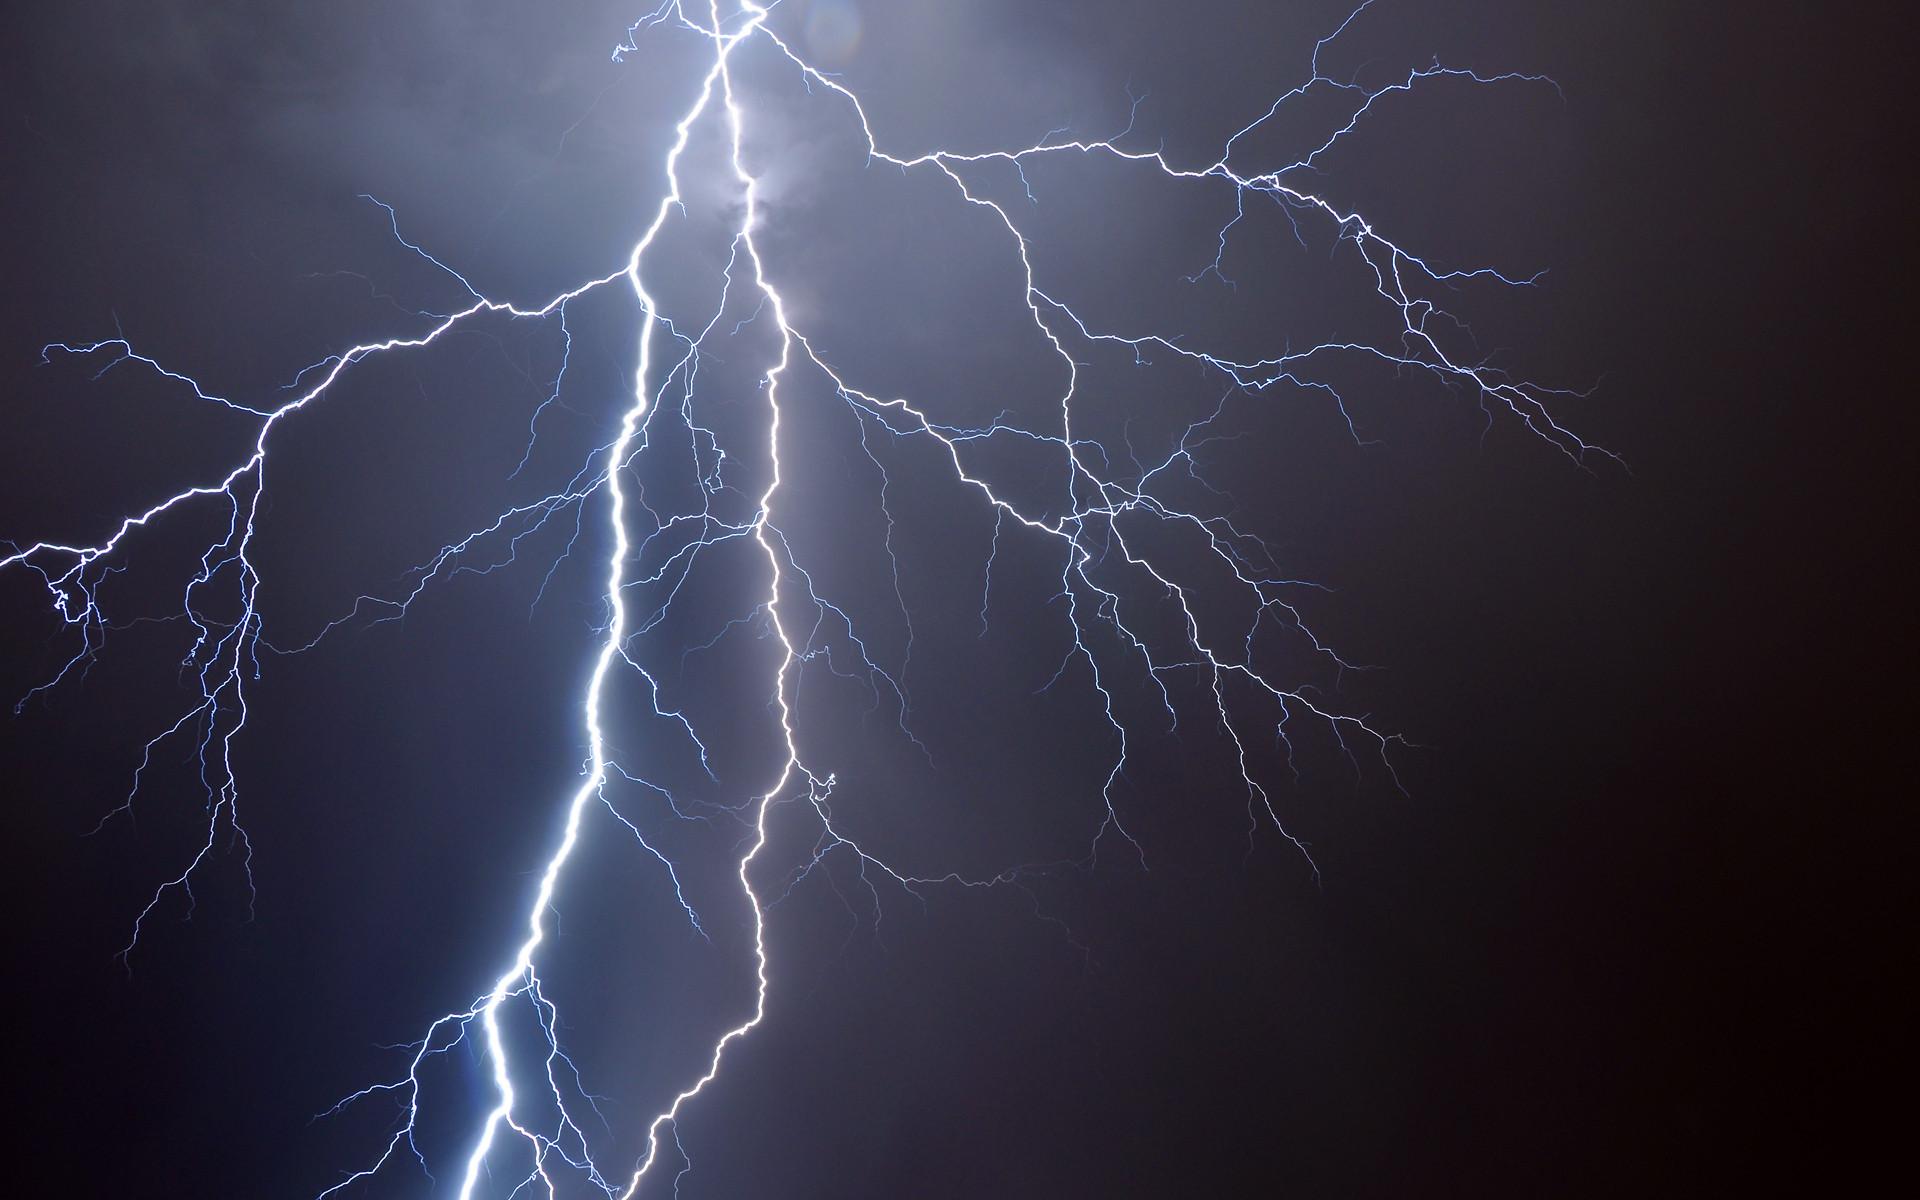 Lightning Bolt Background 45 Images